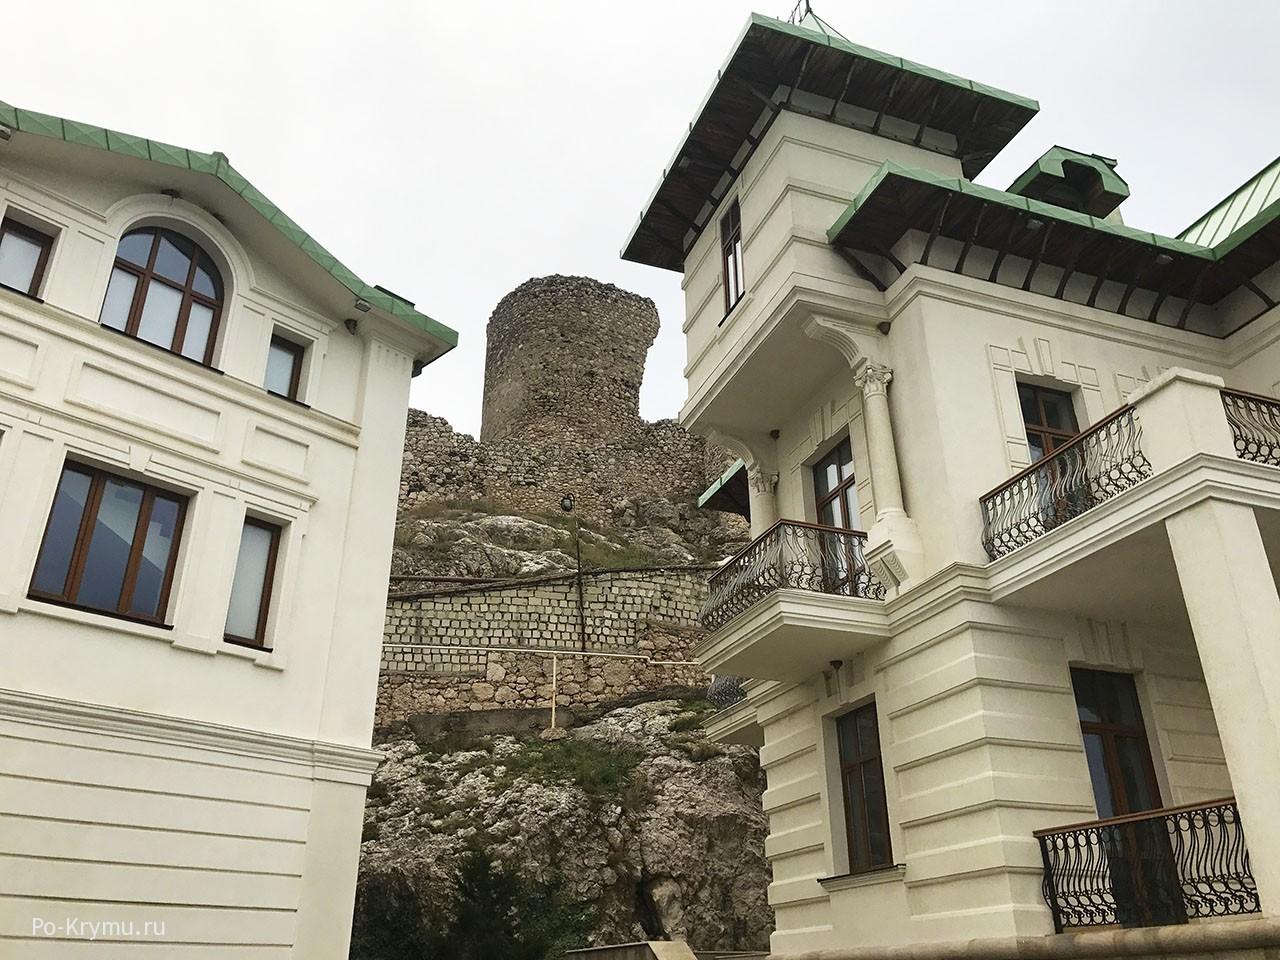 Одна из башен Чембало.